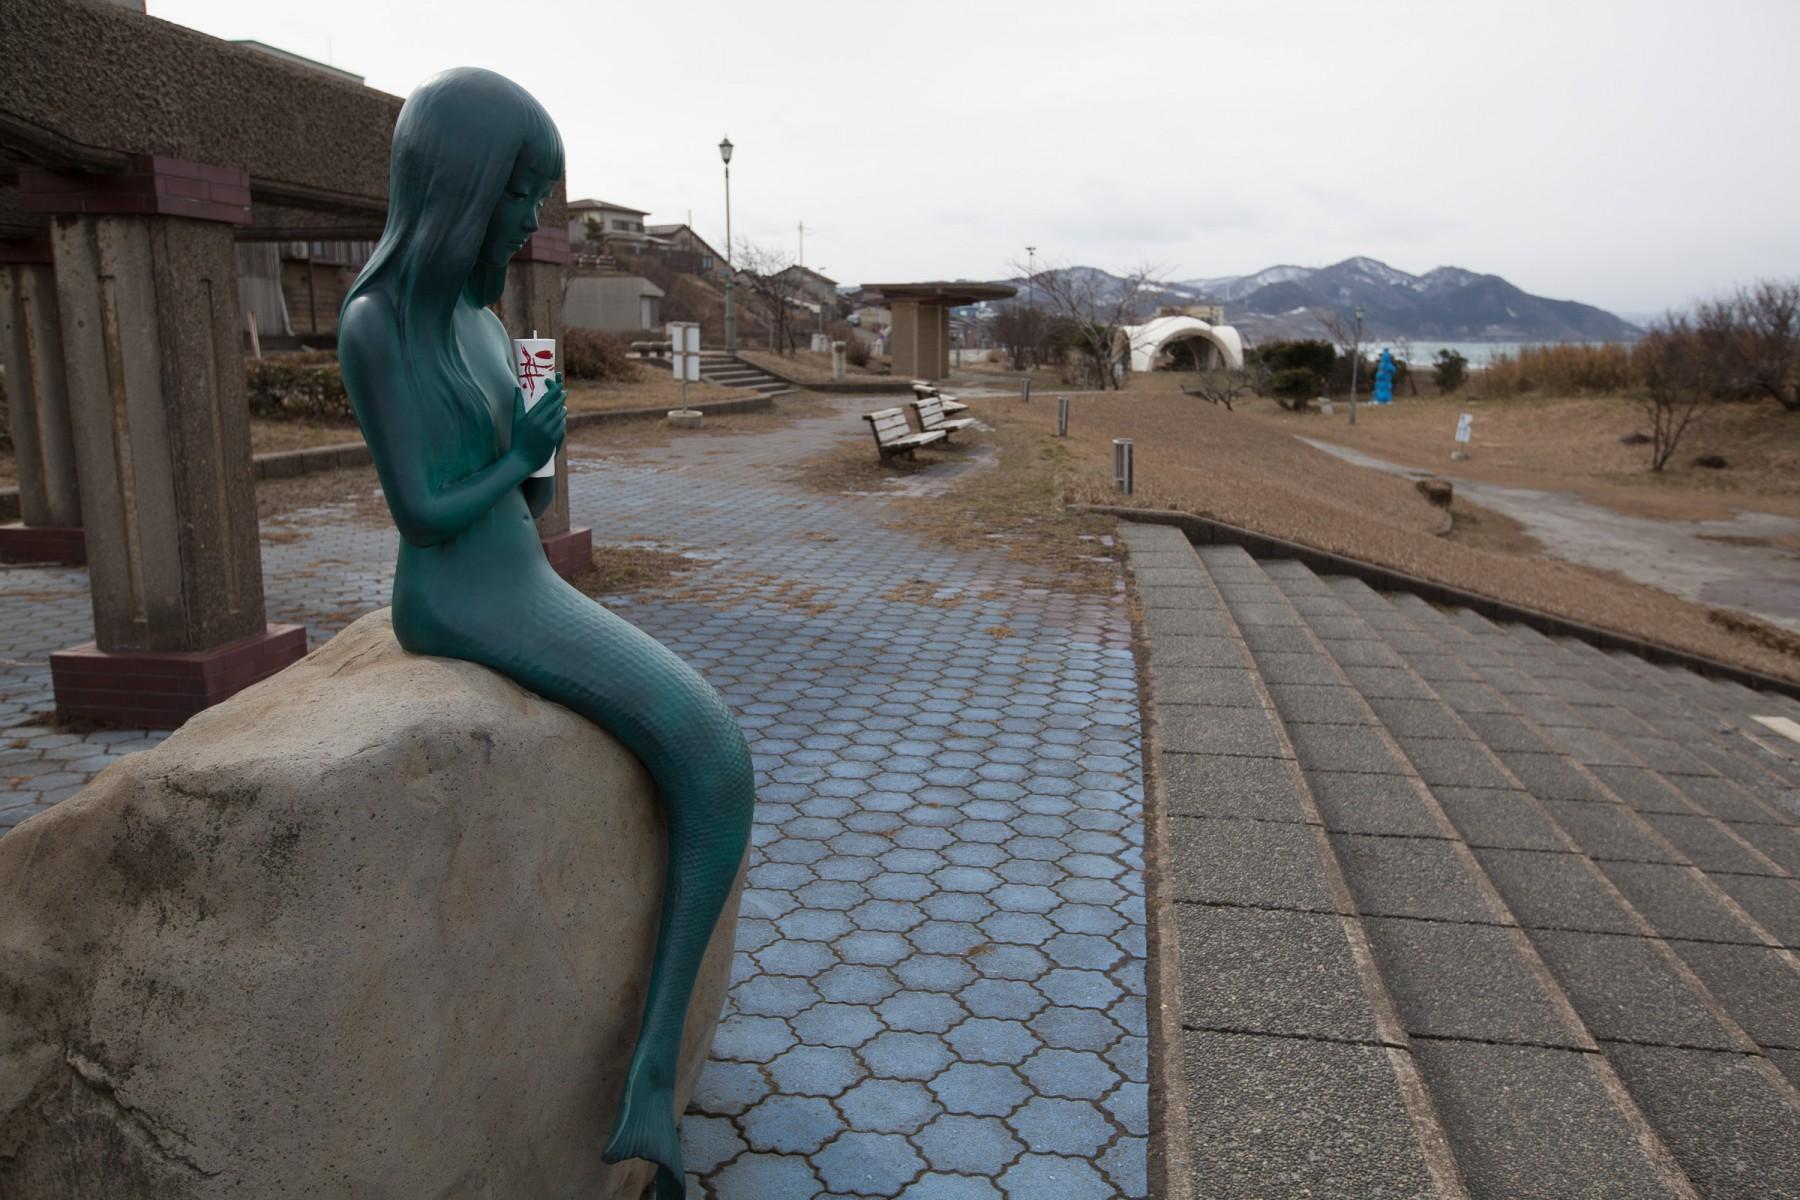 Mermaid statue in Joetsu, Japan.